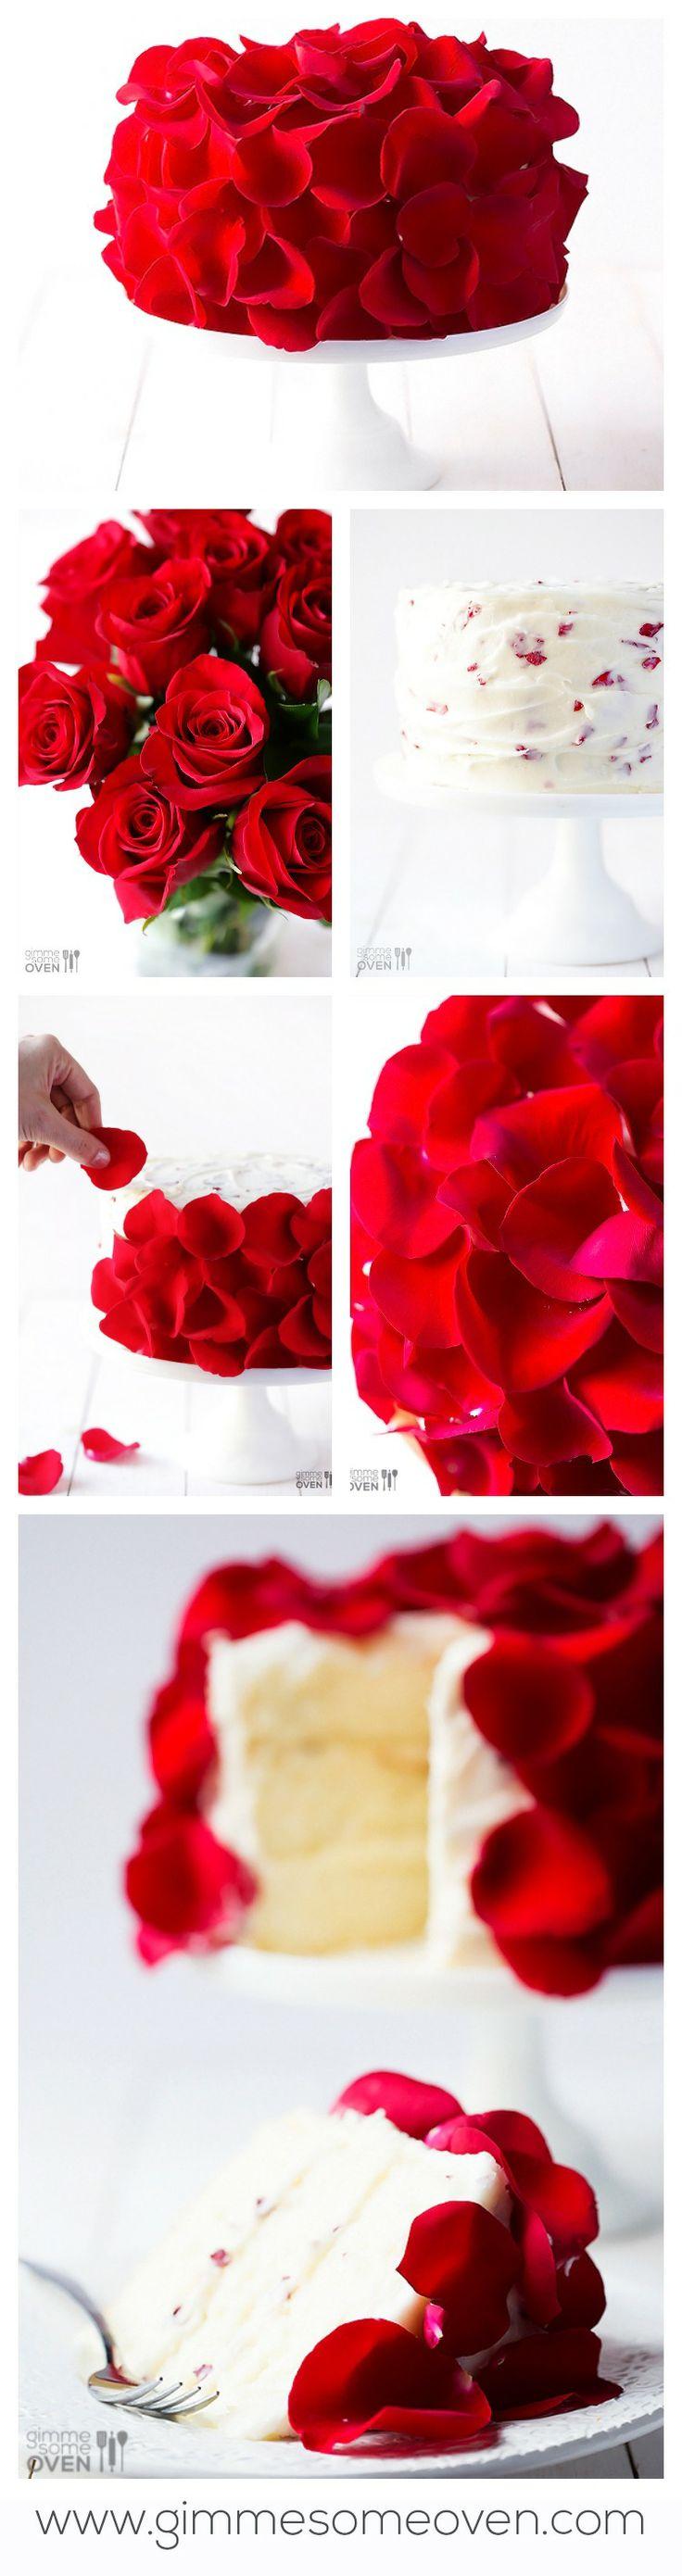 Drawn rose rose petal Rose fresh roses with Best